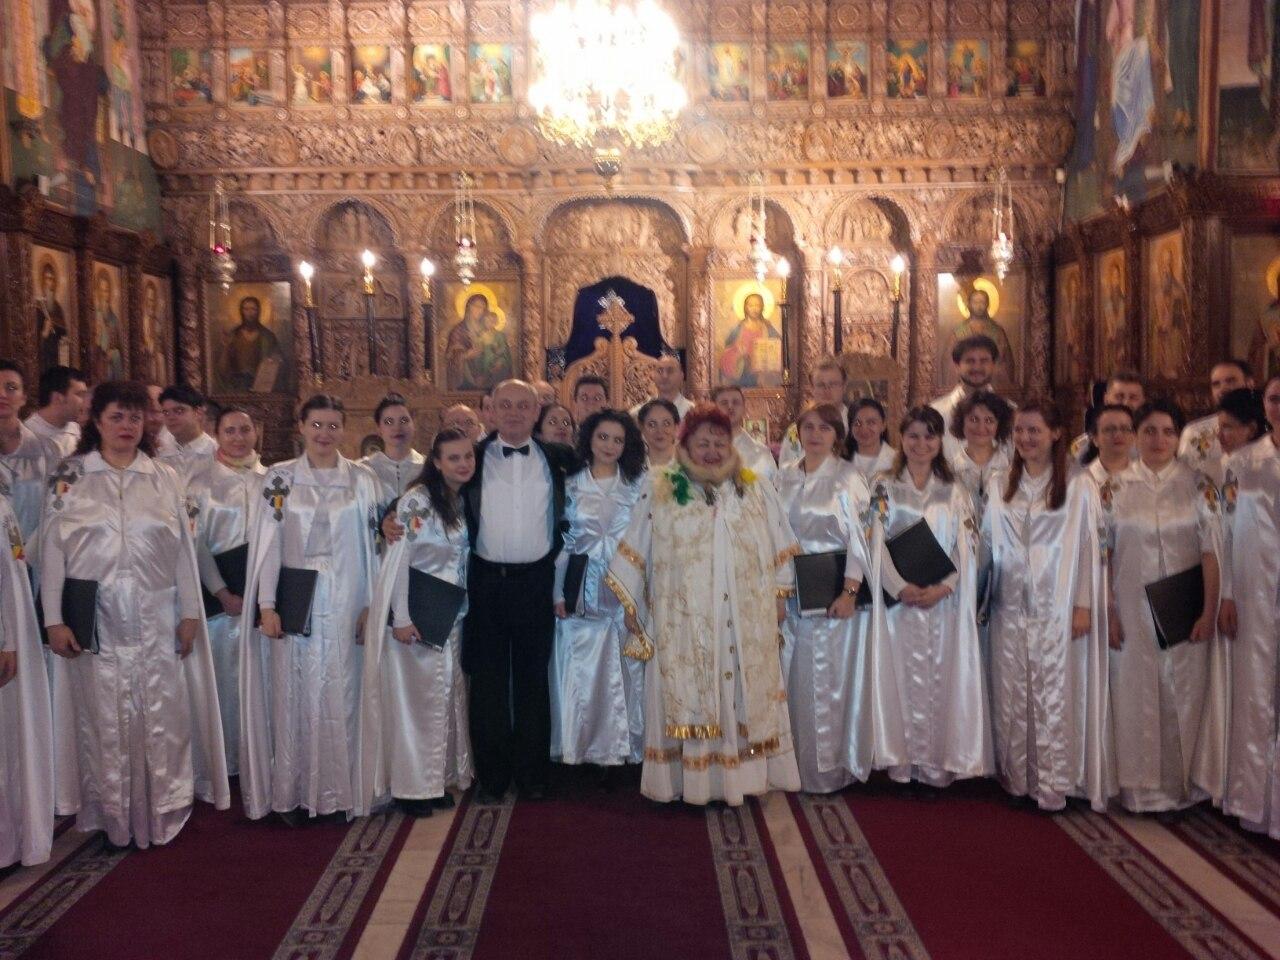 Poza Cor in biserica